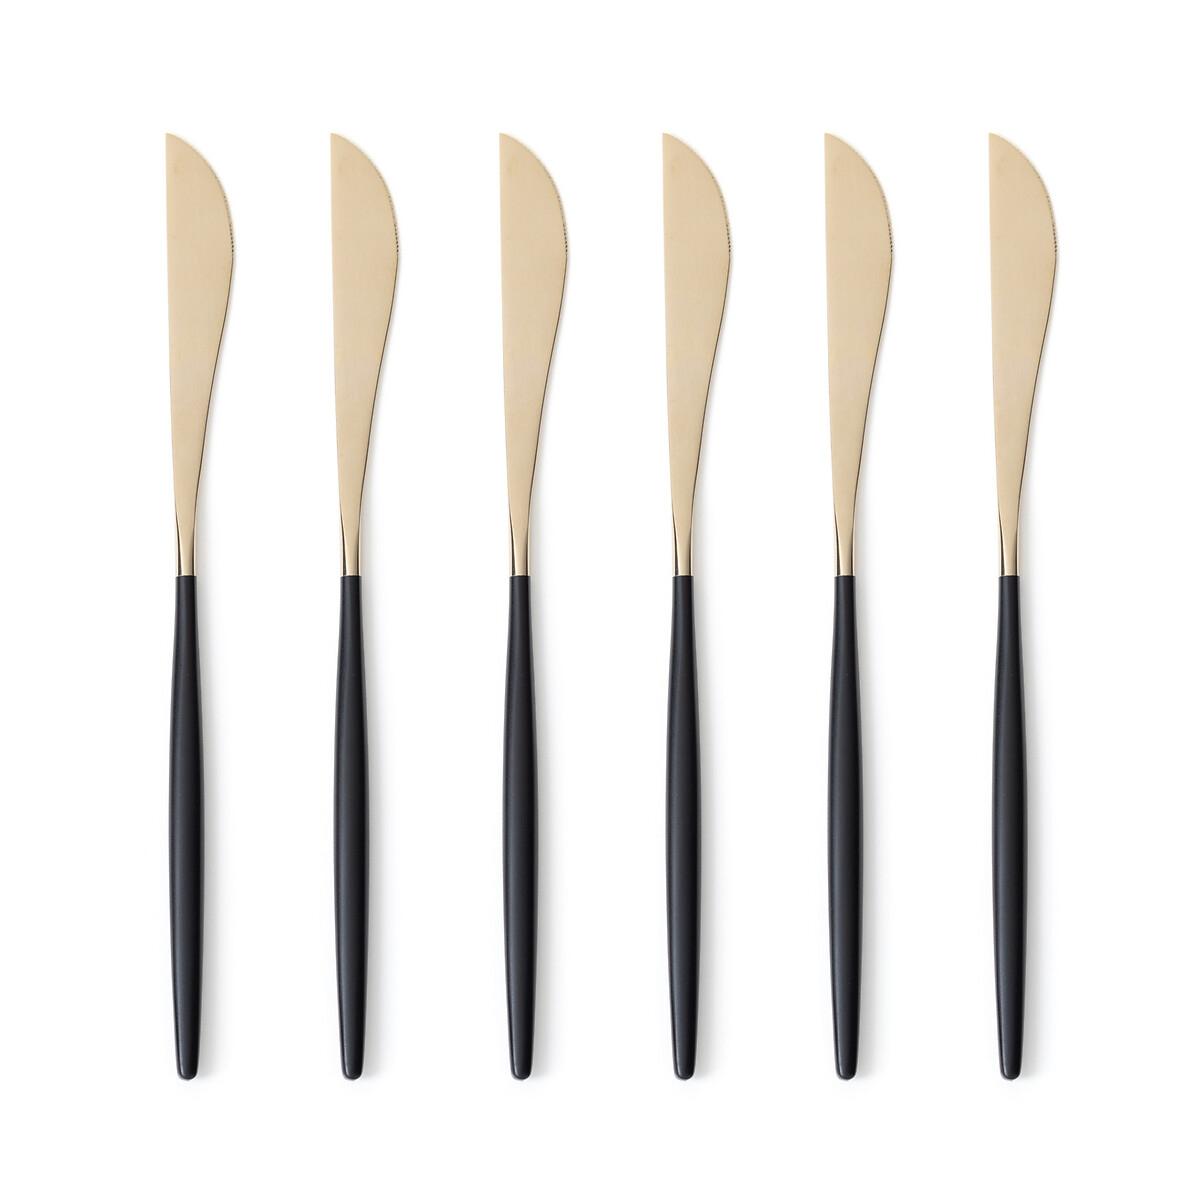 Фото - Набор LaRedoute Из 6 ножей из нержстали цвета шампань Barbule единый размер черный набор laredoute из 6 суповых ложек из нержстали barbule единый размер черный